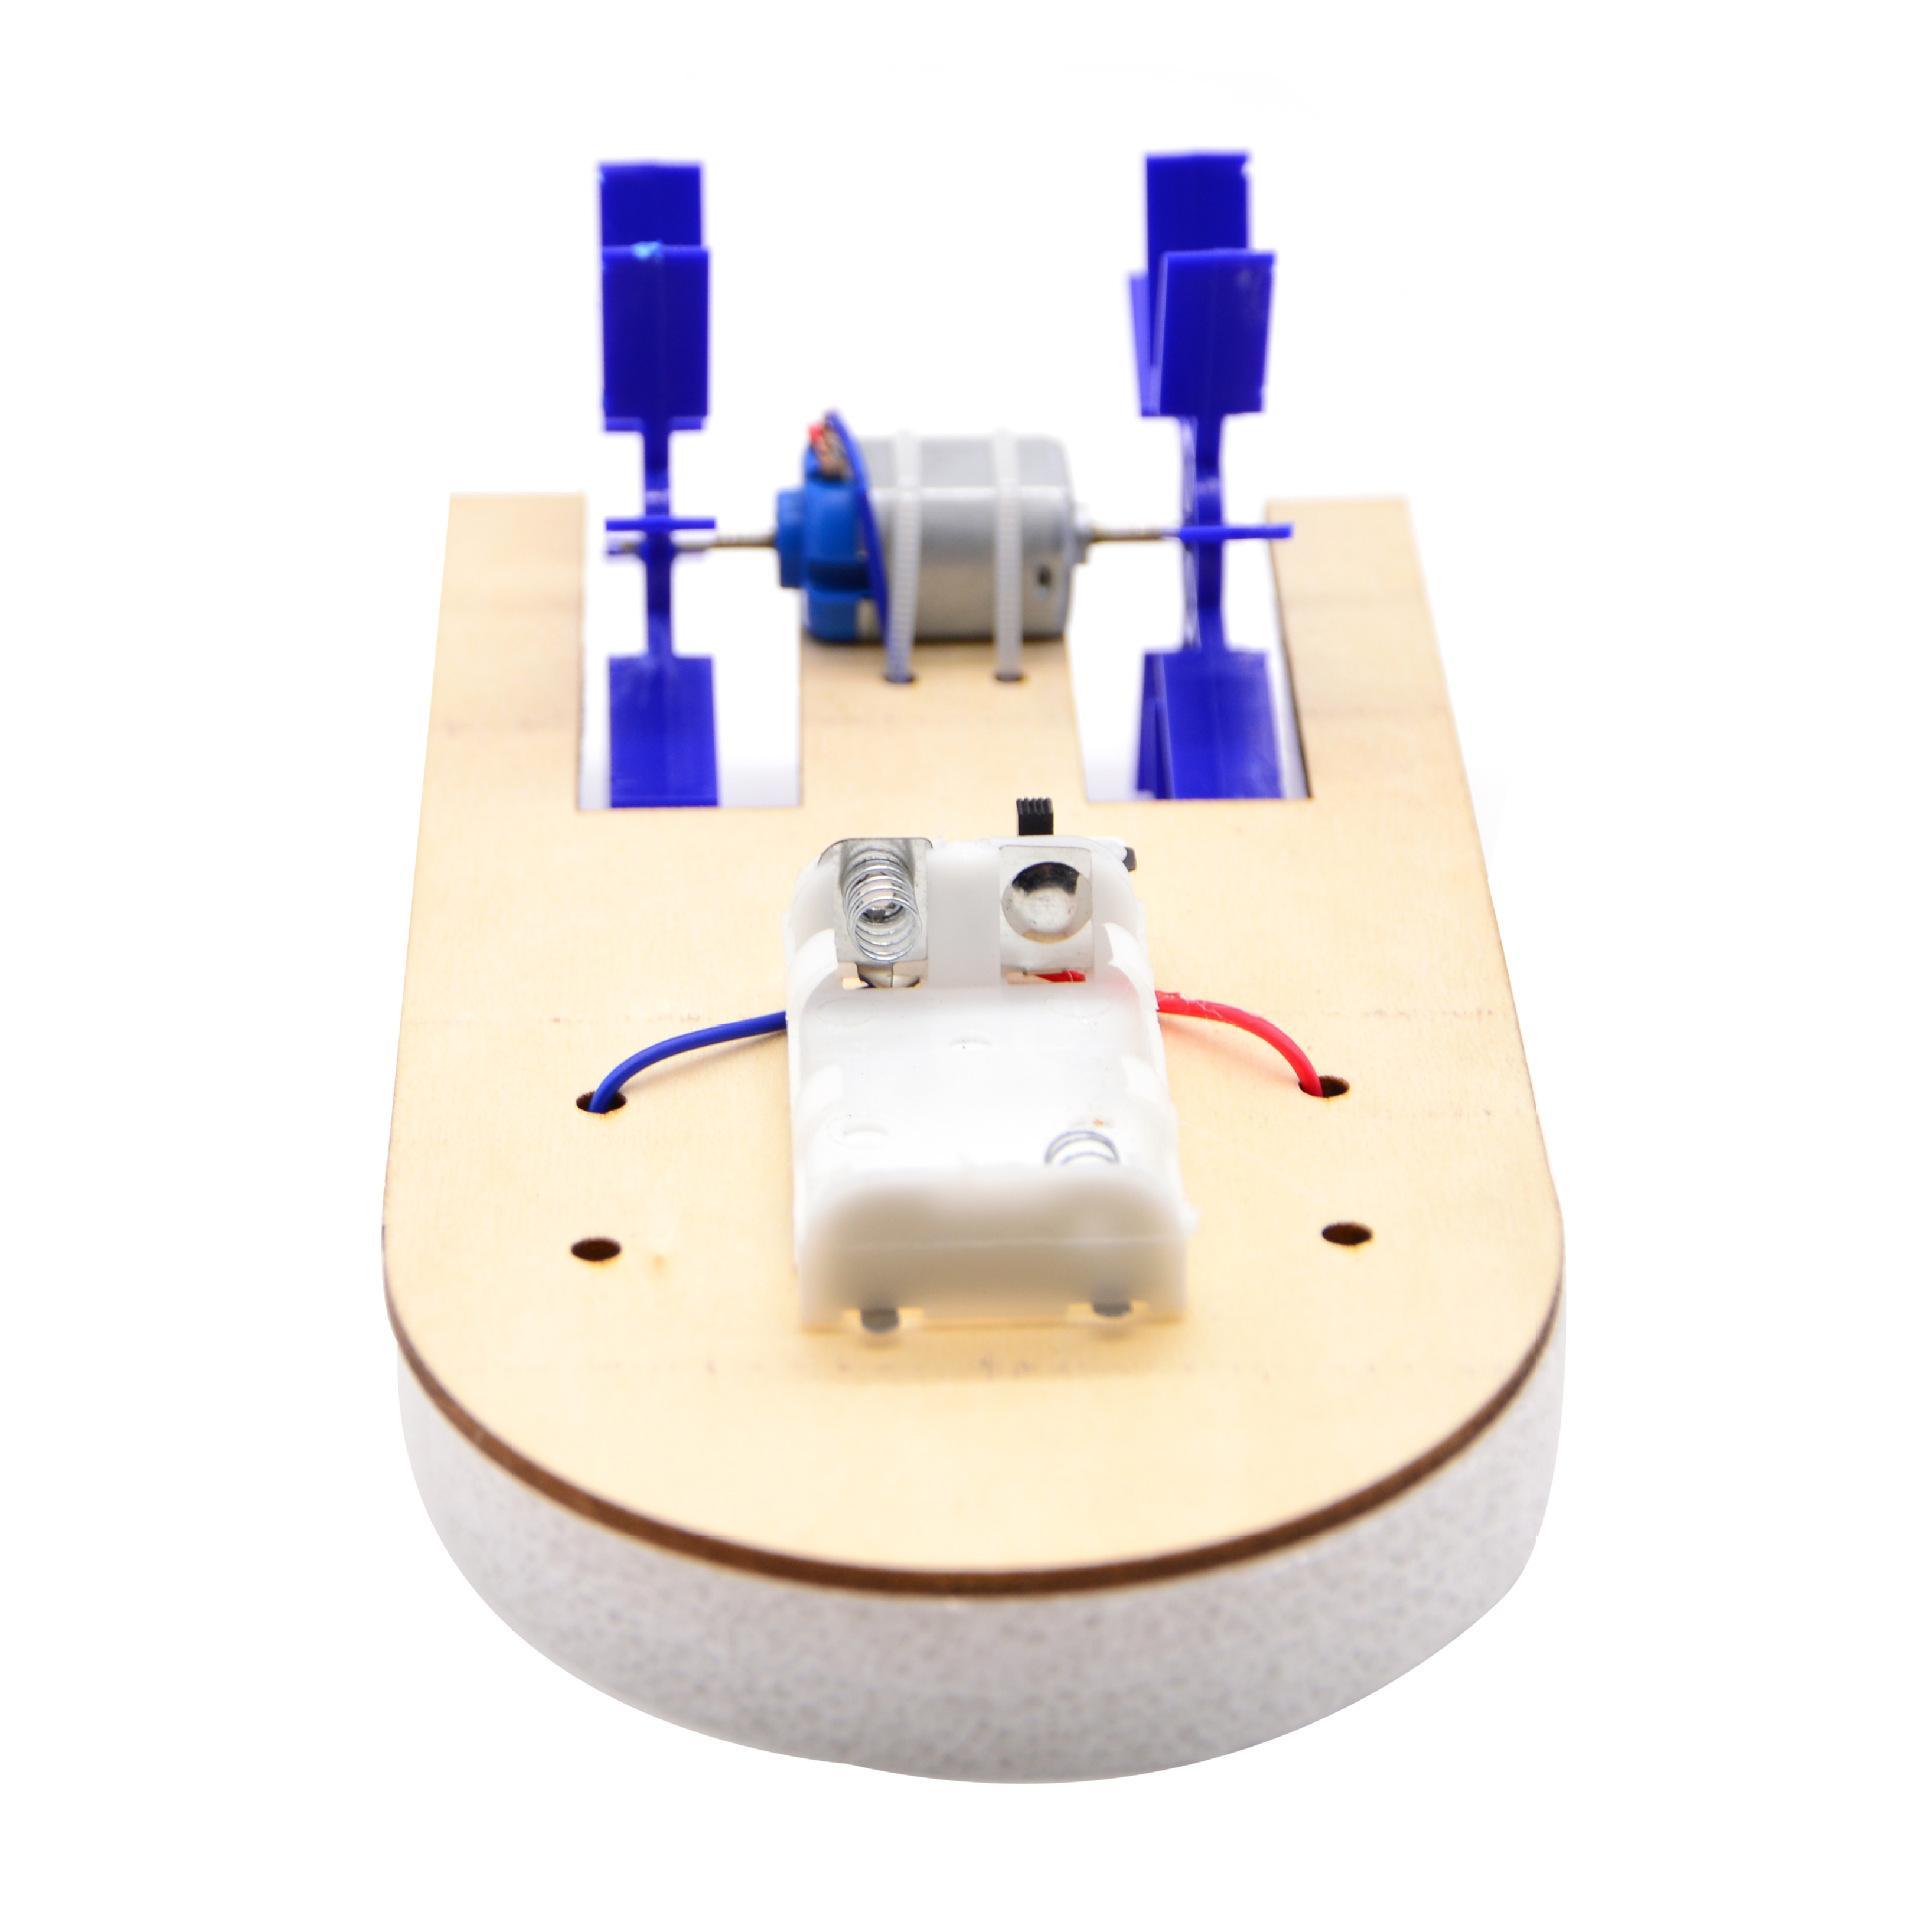 двойной затвор электрический скоростной катер шлюпки Minglun первичная и вторичная технология головоломки малый эксперимент по популярной науки модели корабля продукции